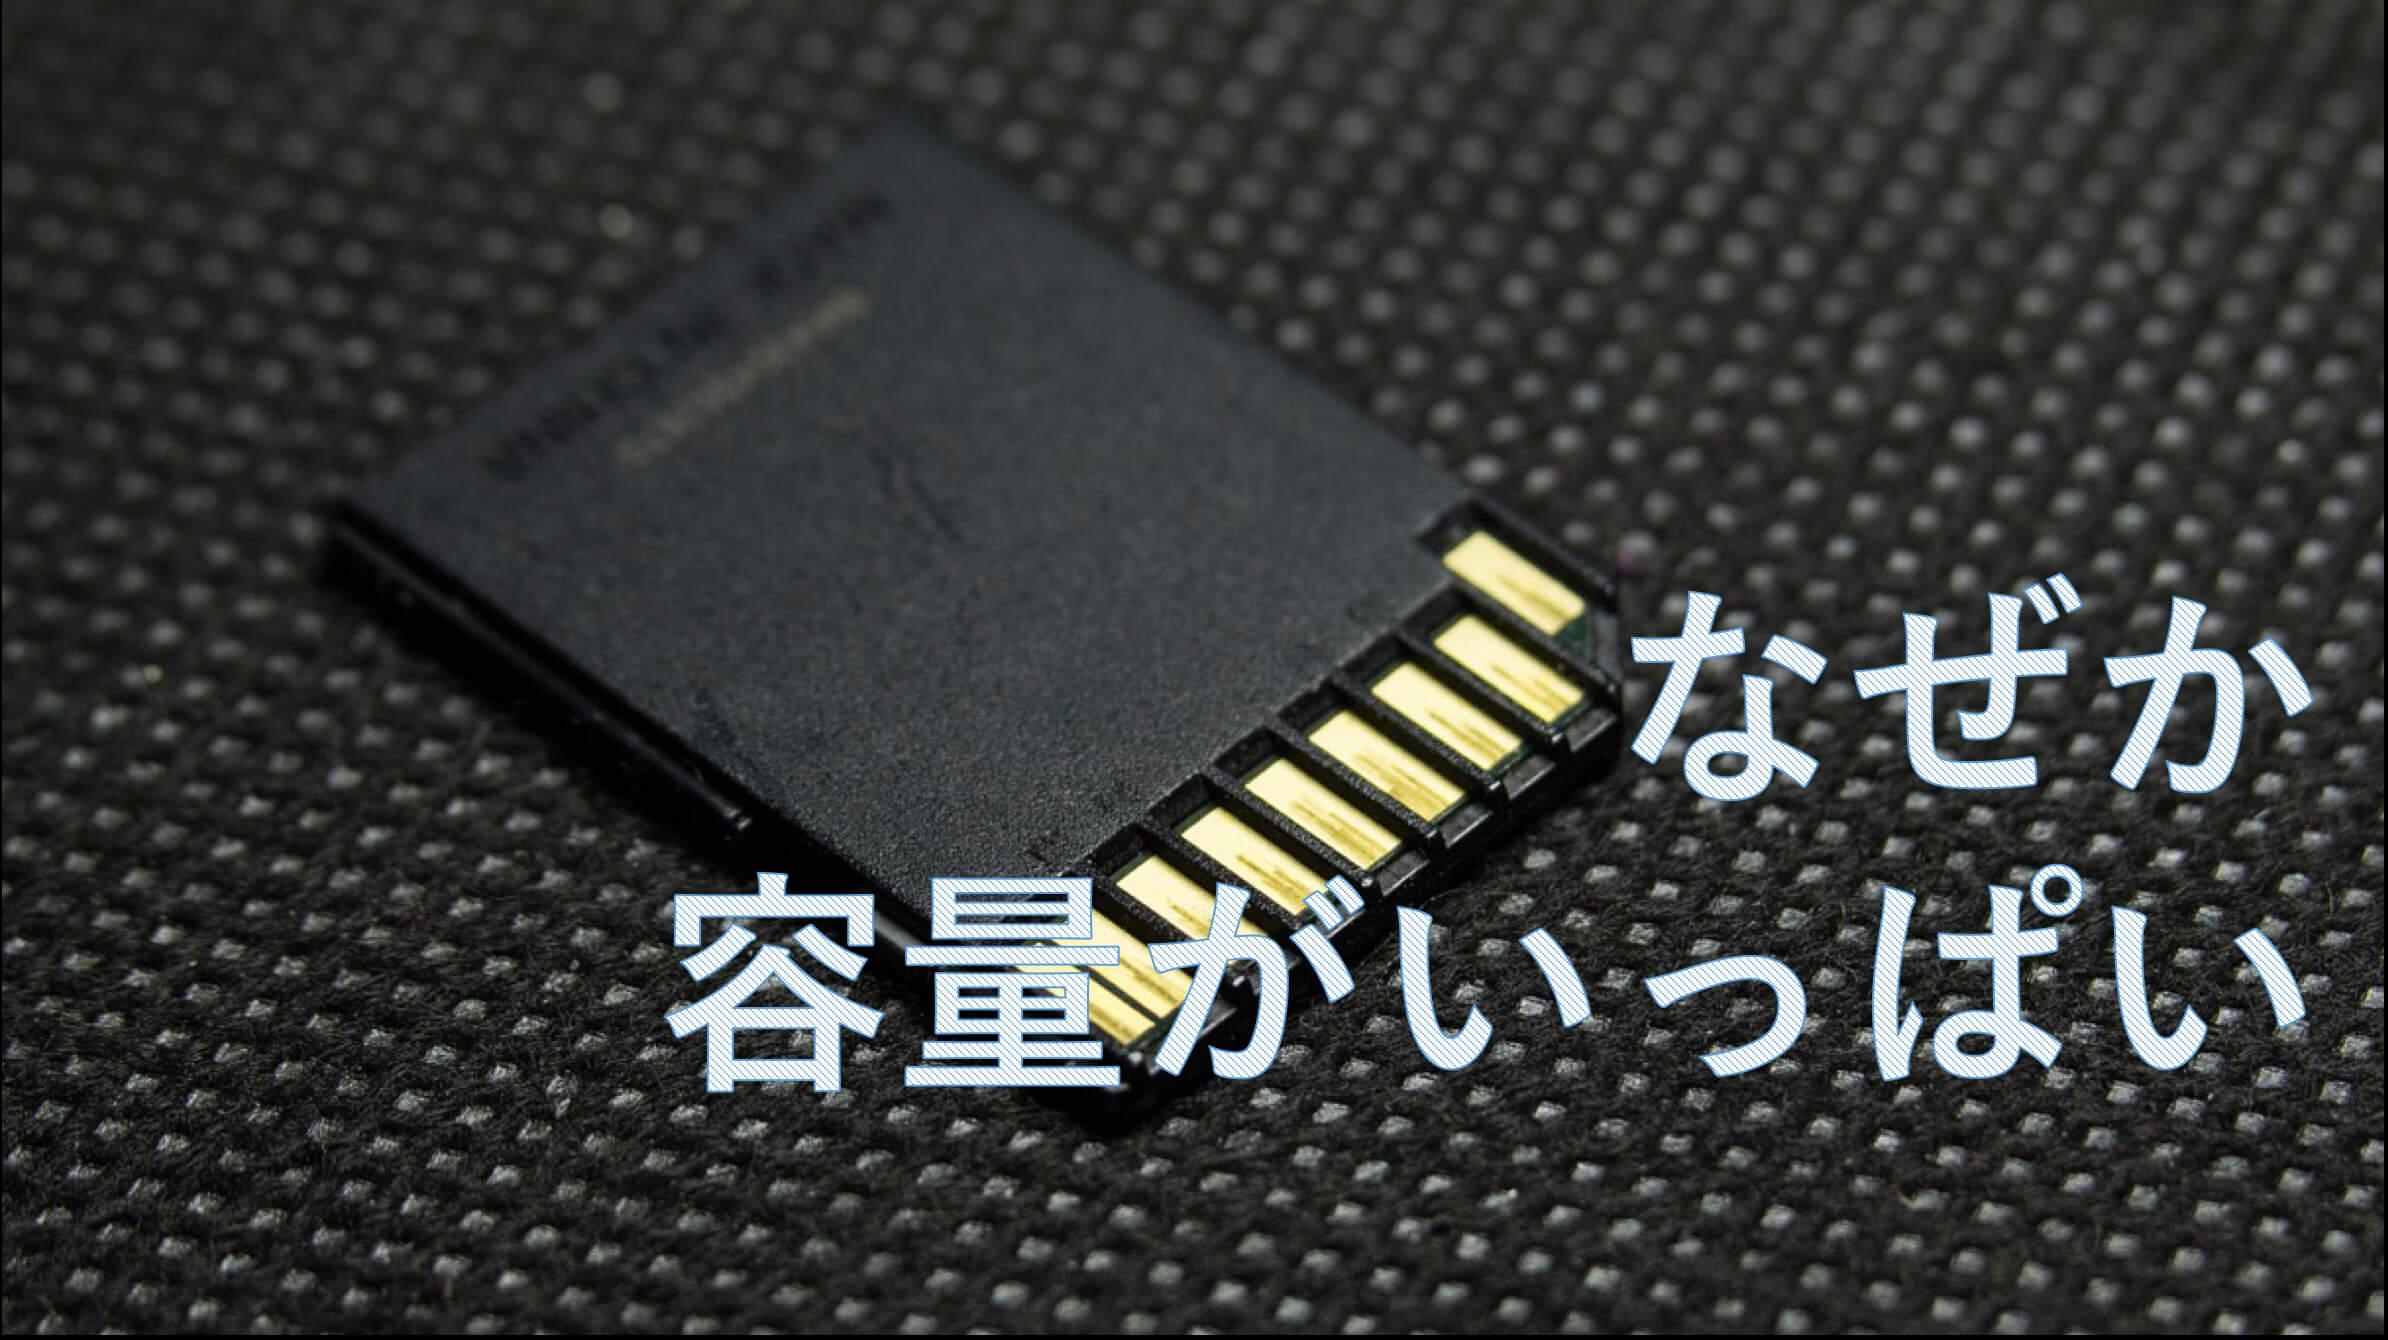 消しても消しても、SDカードの容量がいっぱい😓原因は『隠しファイル』にあった!対処法を紹介。『Mac編』